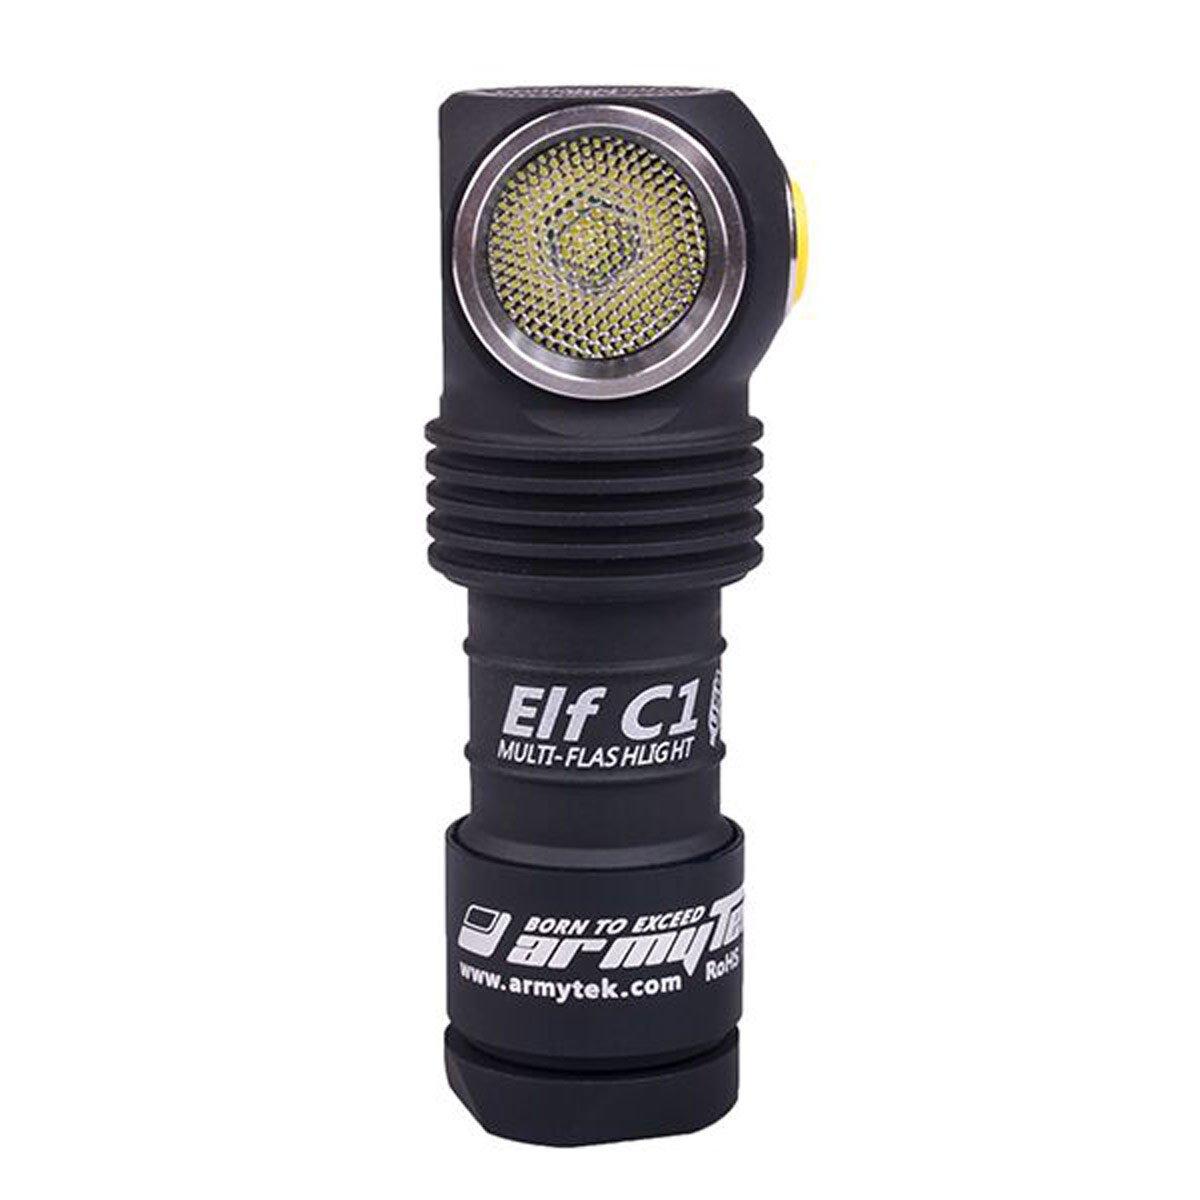 WarmWeiß Armytek Elf C1 CW mit 1050 Lumen und XP-L LED per Micro-USB ladbar